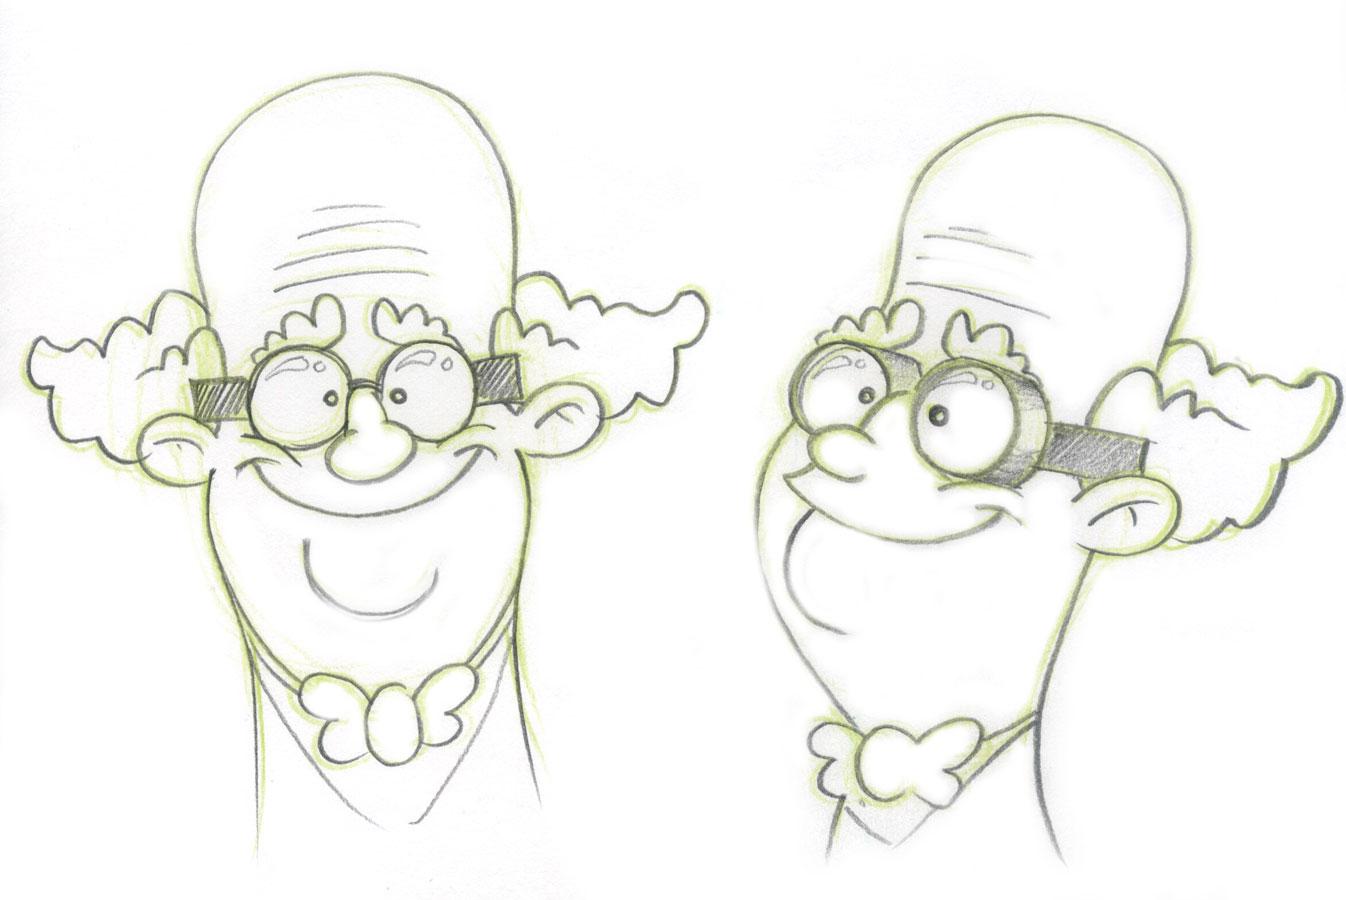 Scientist_Sketch06.jpg